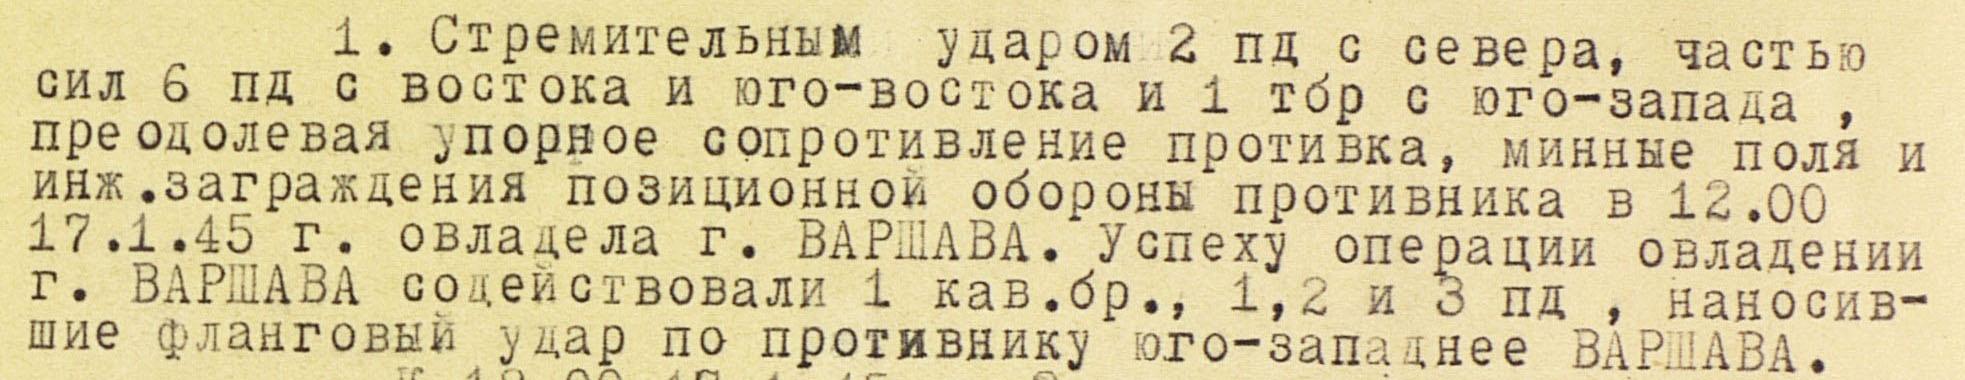 Боевое донесение штаба Польской армии